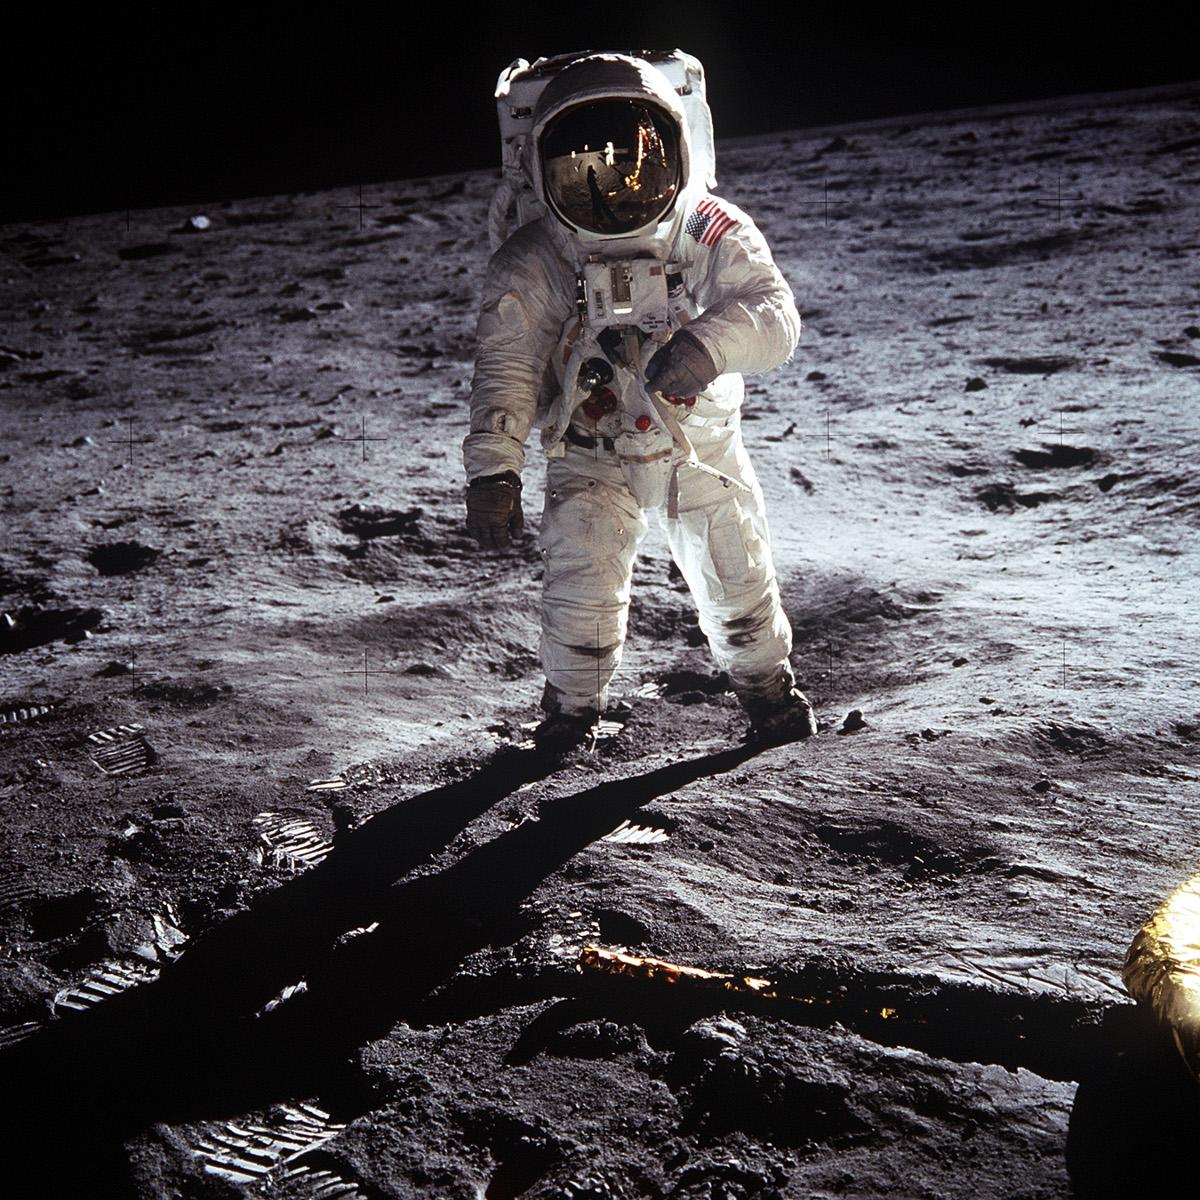 Juillet 1969, Apollo 11 et les premiers pas sur la Lune - Armstrong - Aldrin - NASA